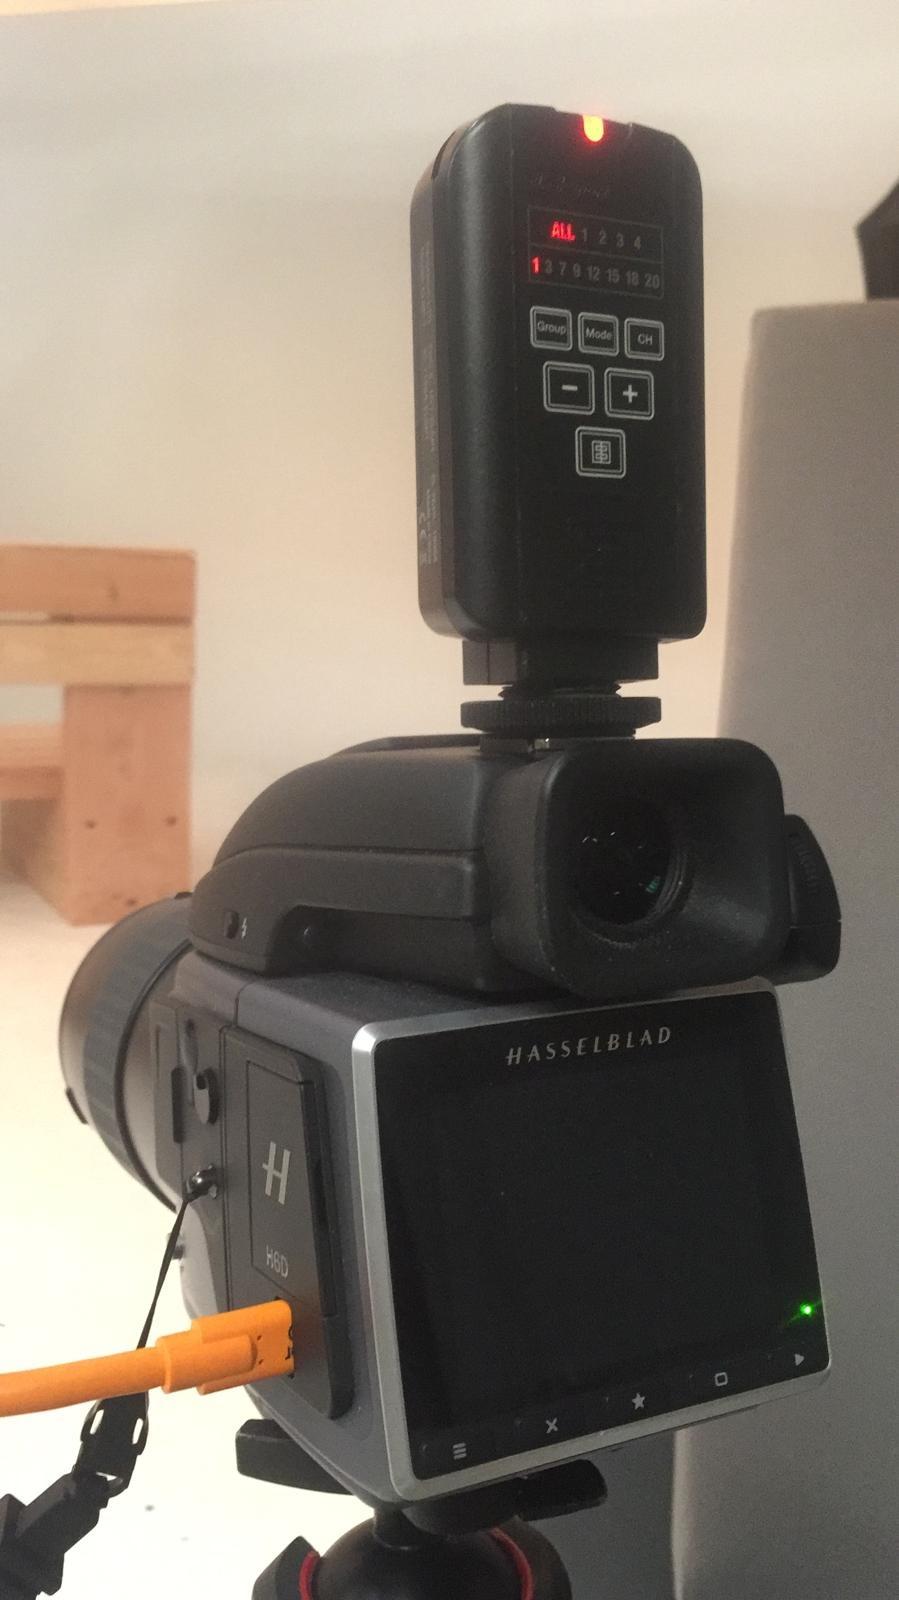 Middenformaat camera's en Elinchrom flitsers